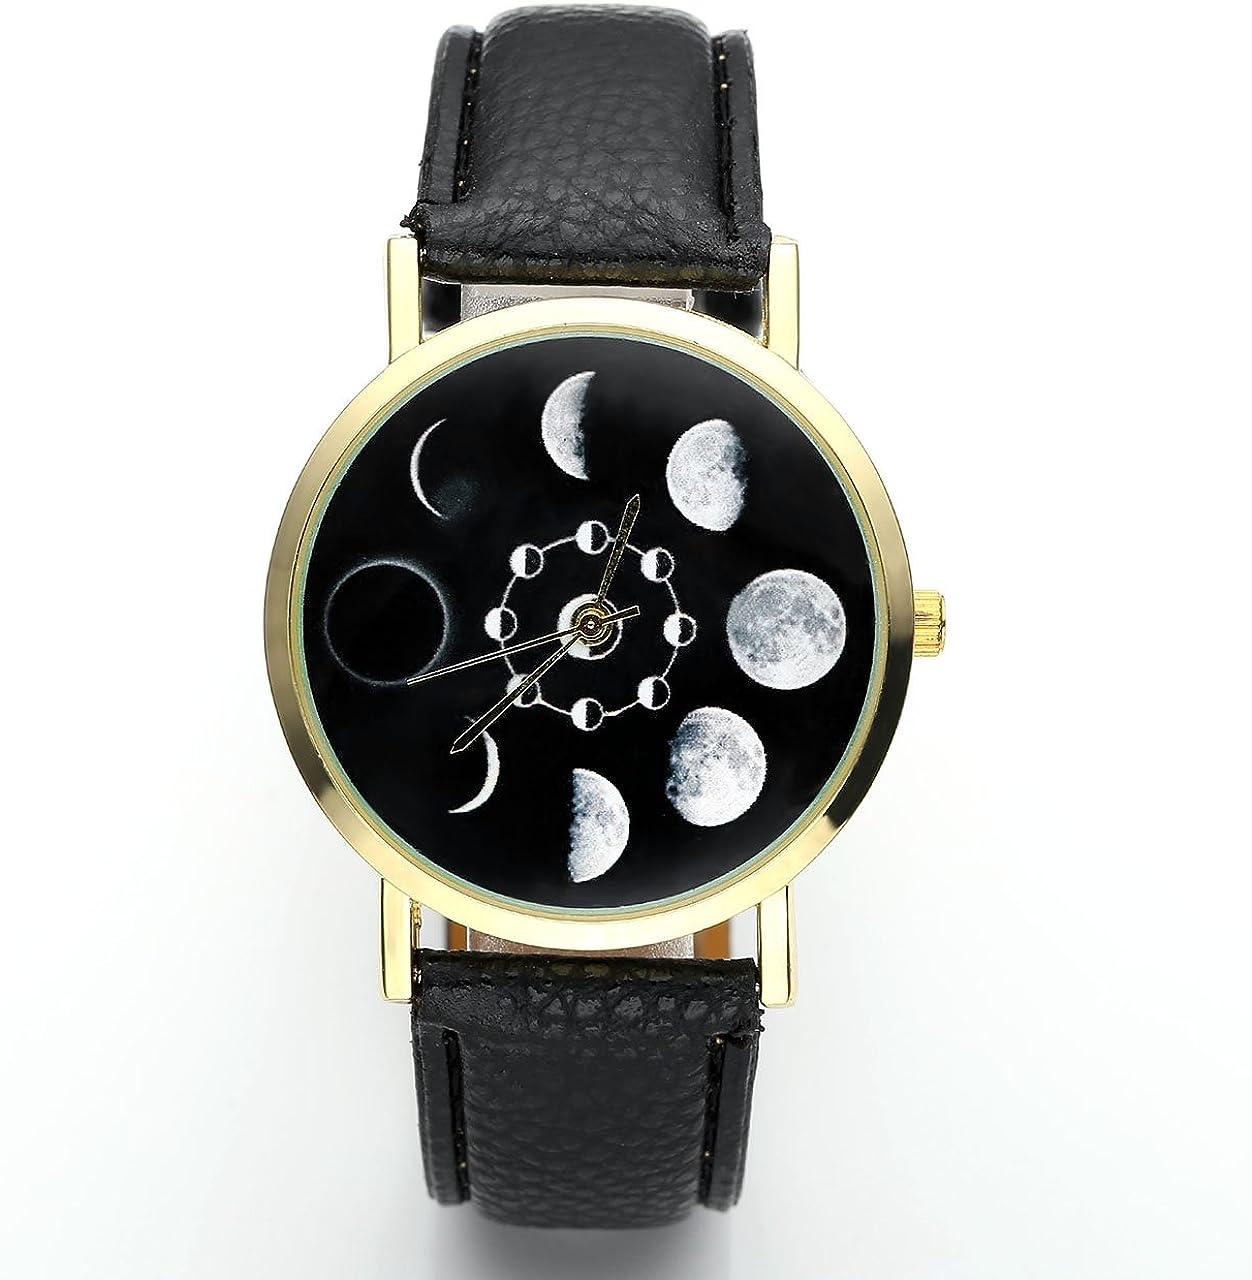 JSDDE Reloj de pulsera para mujer con fases lunares en la esfera, mecanismo analógico de cuarzo, color negro